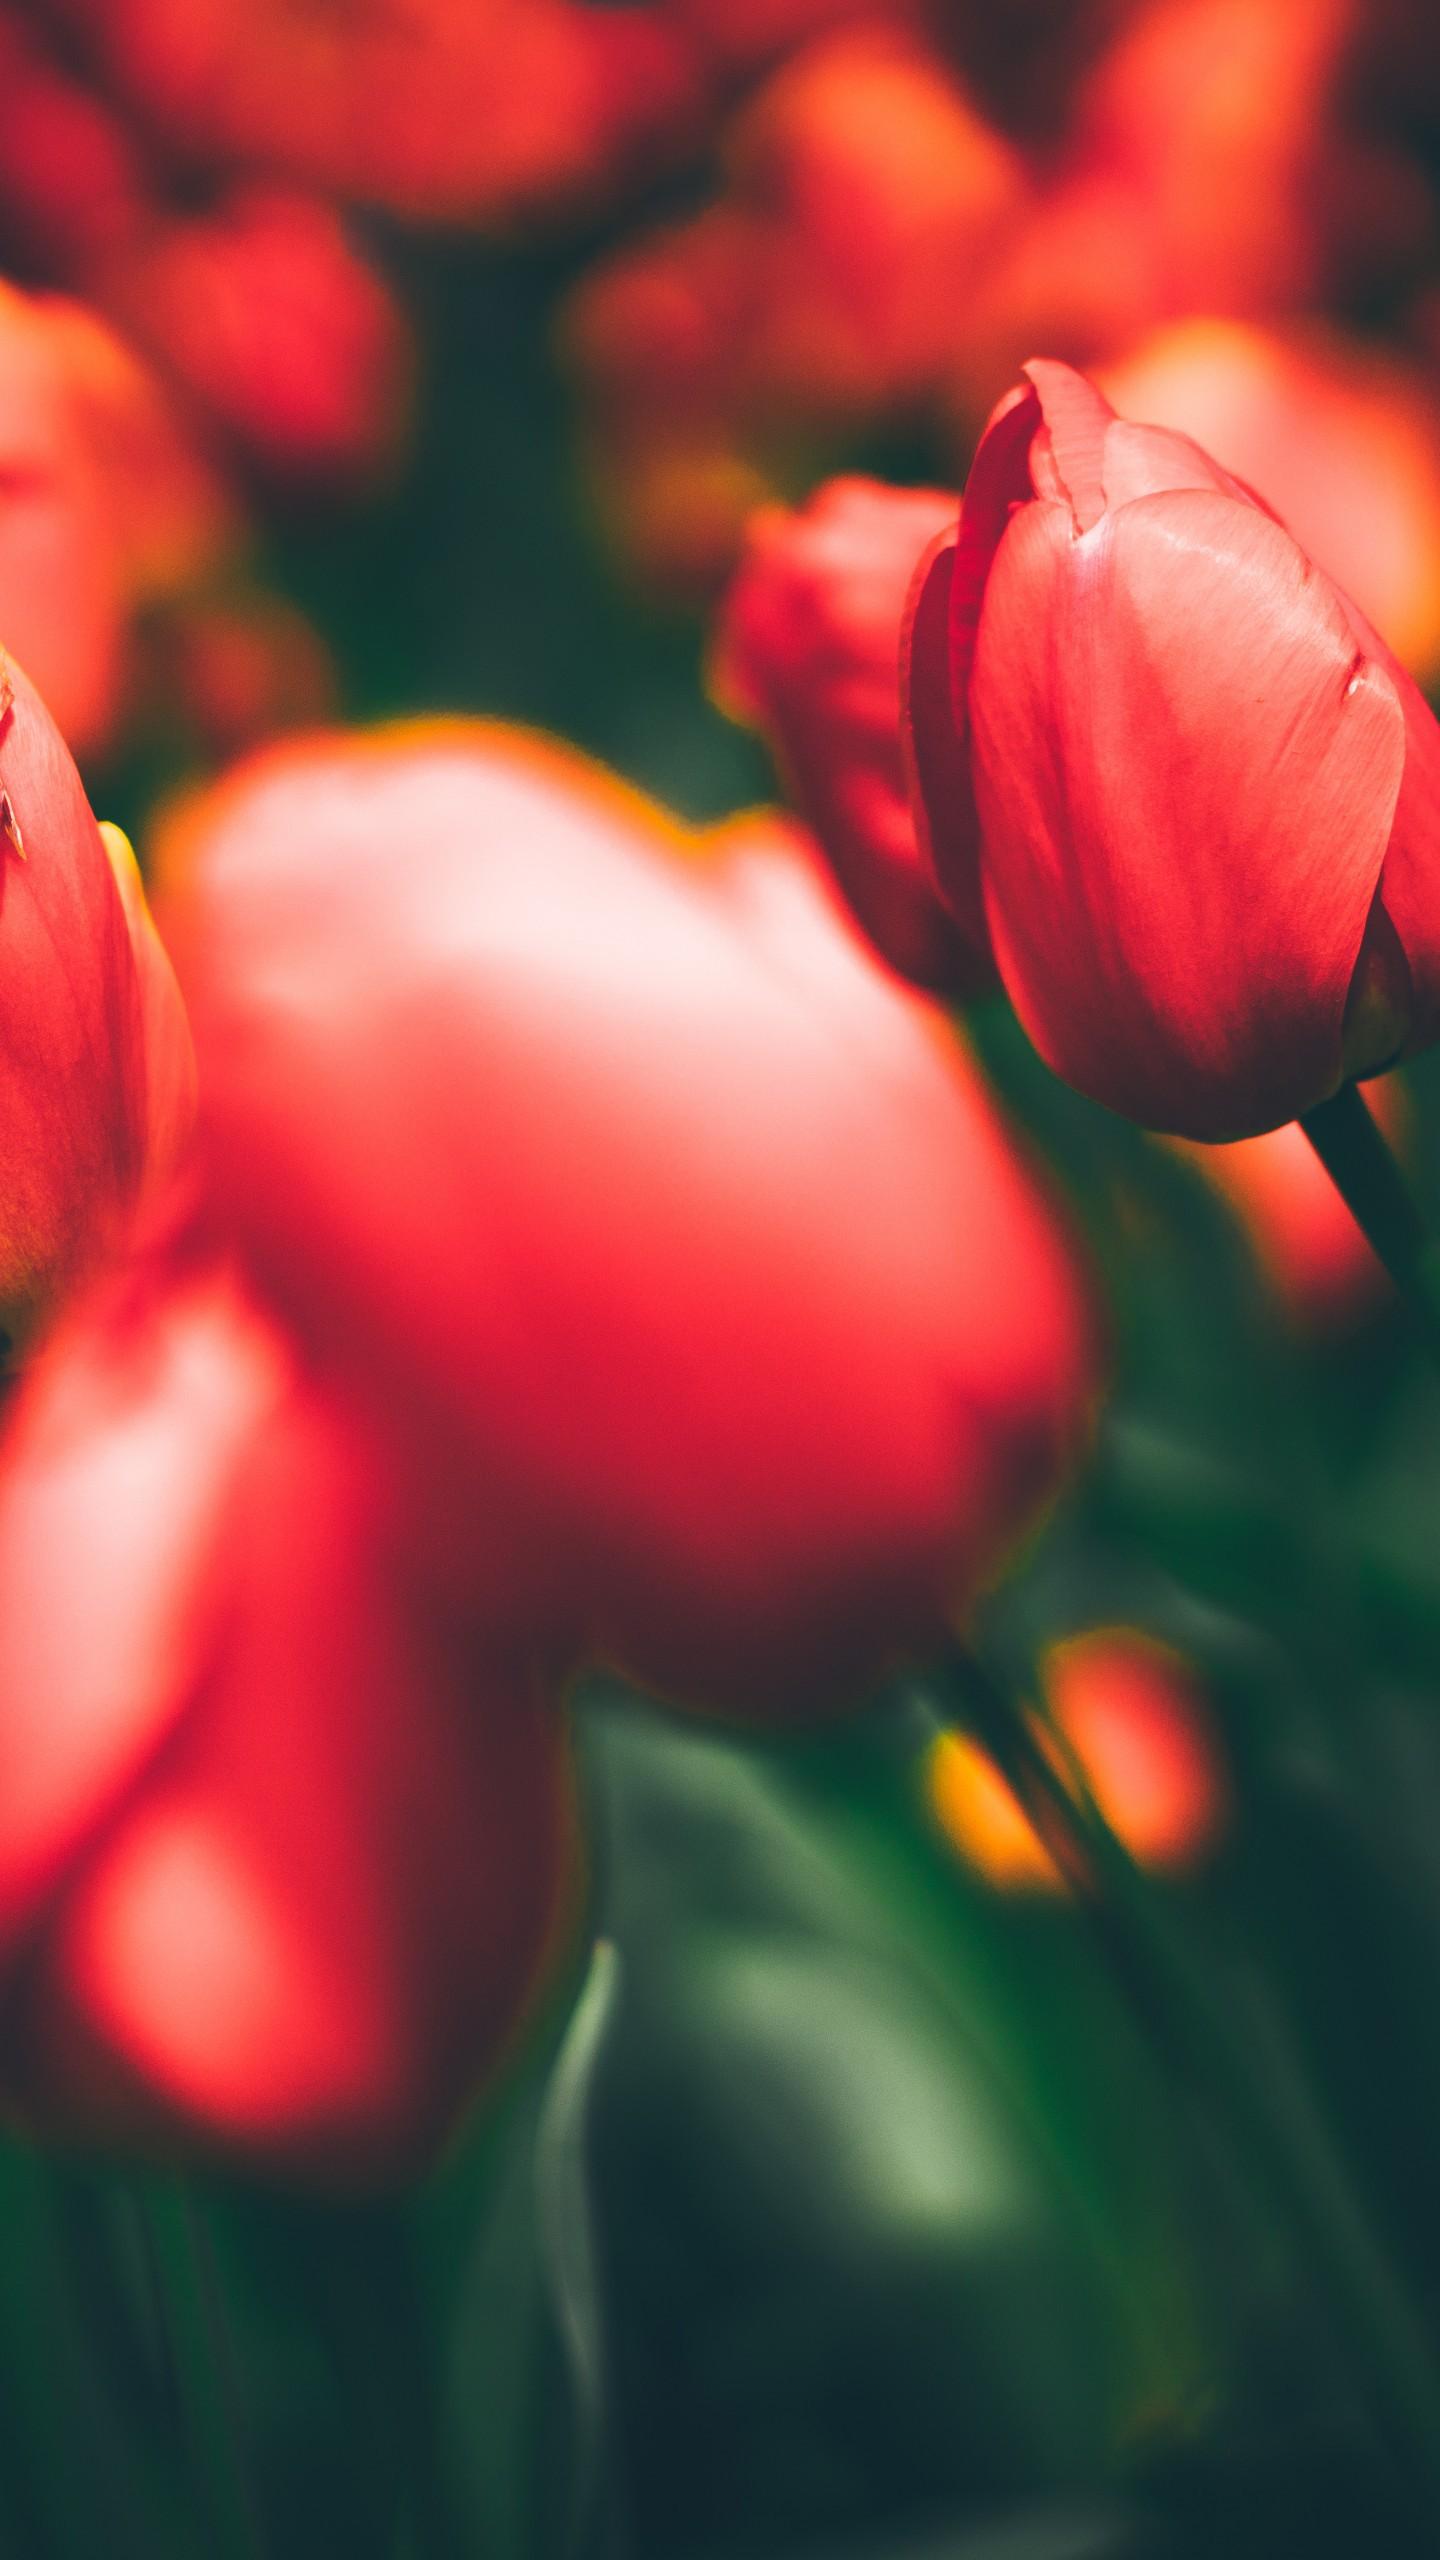 عکس زمینه گل های لاله نارنجی رنگ پس زمینه